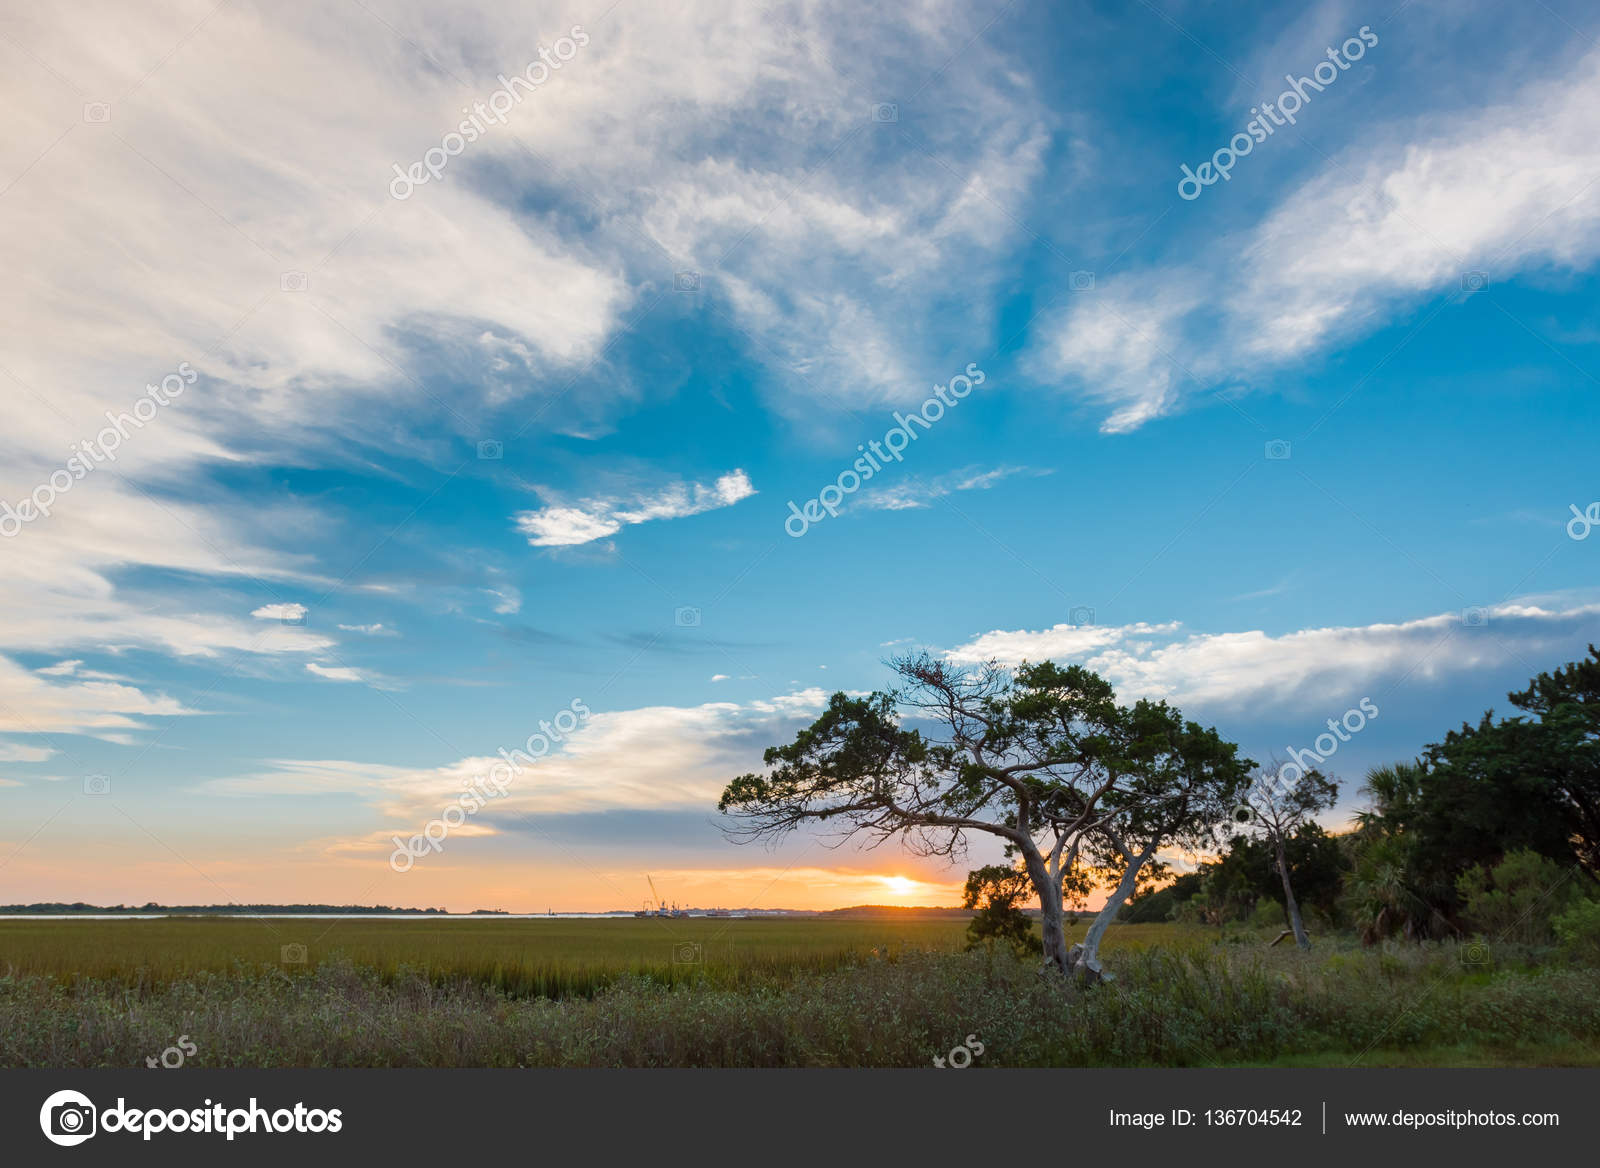 айленд дерево фото